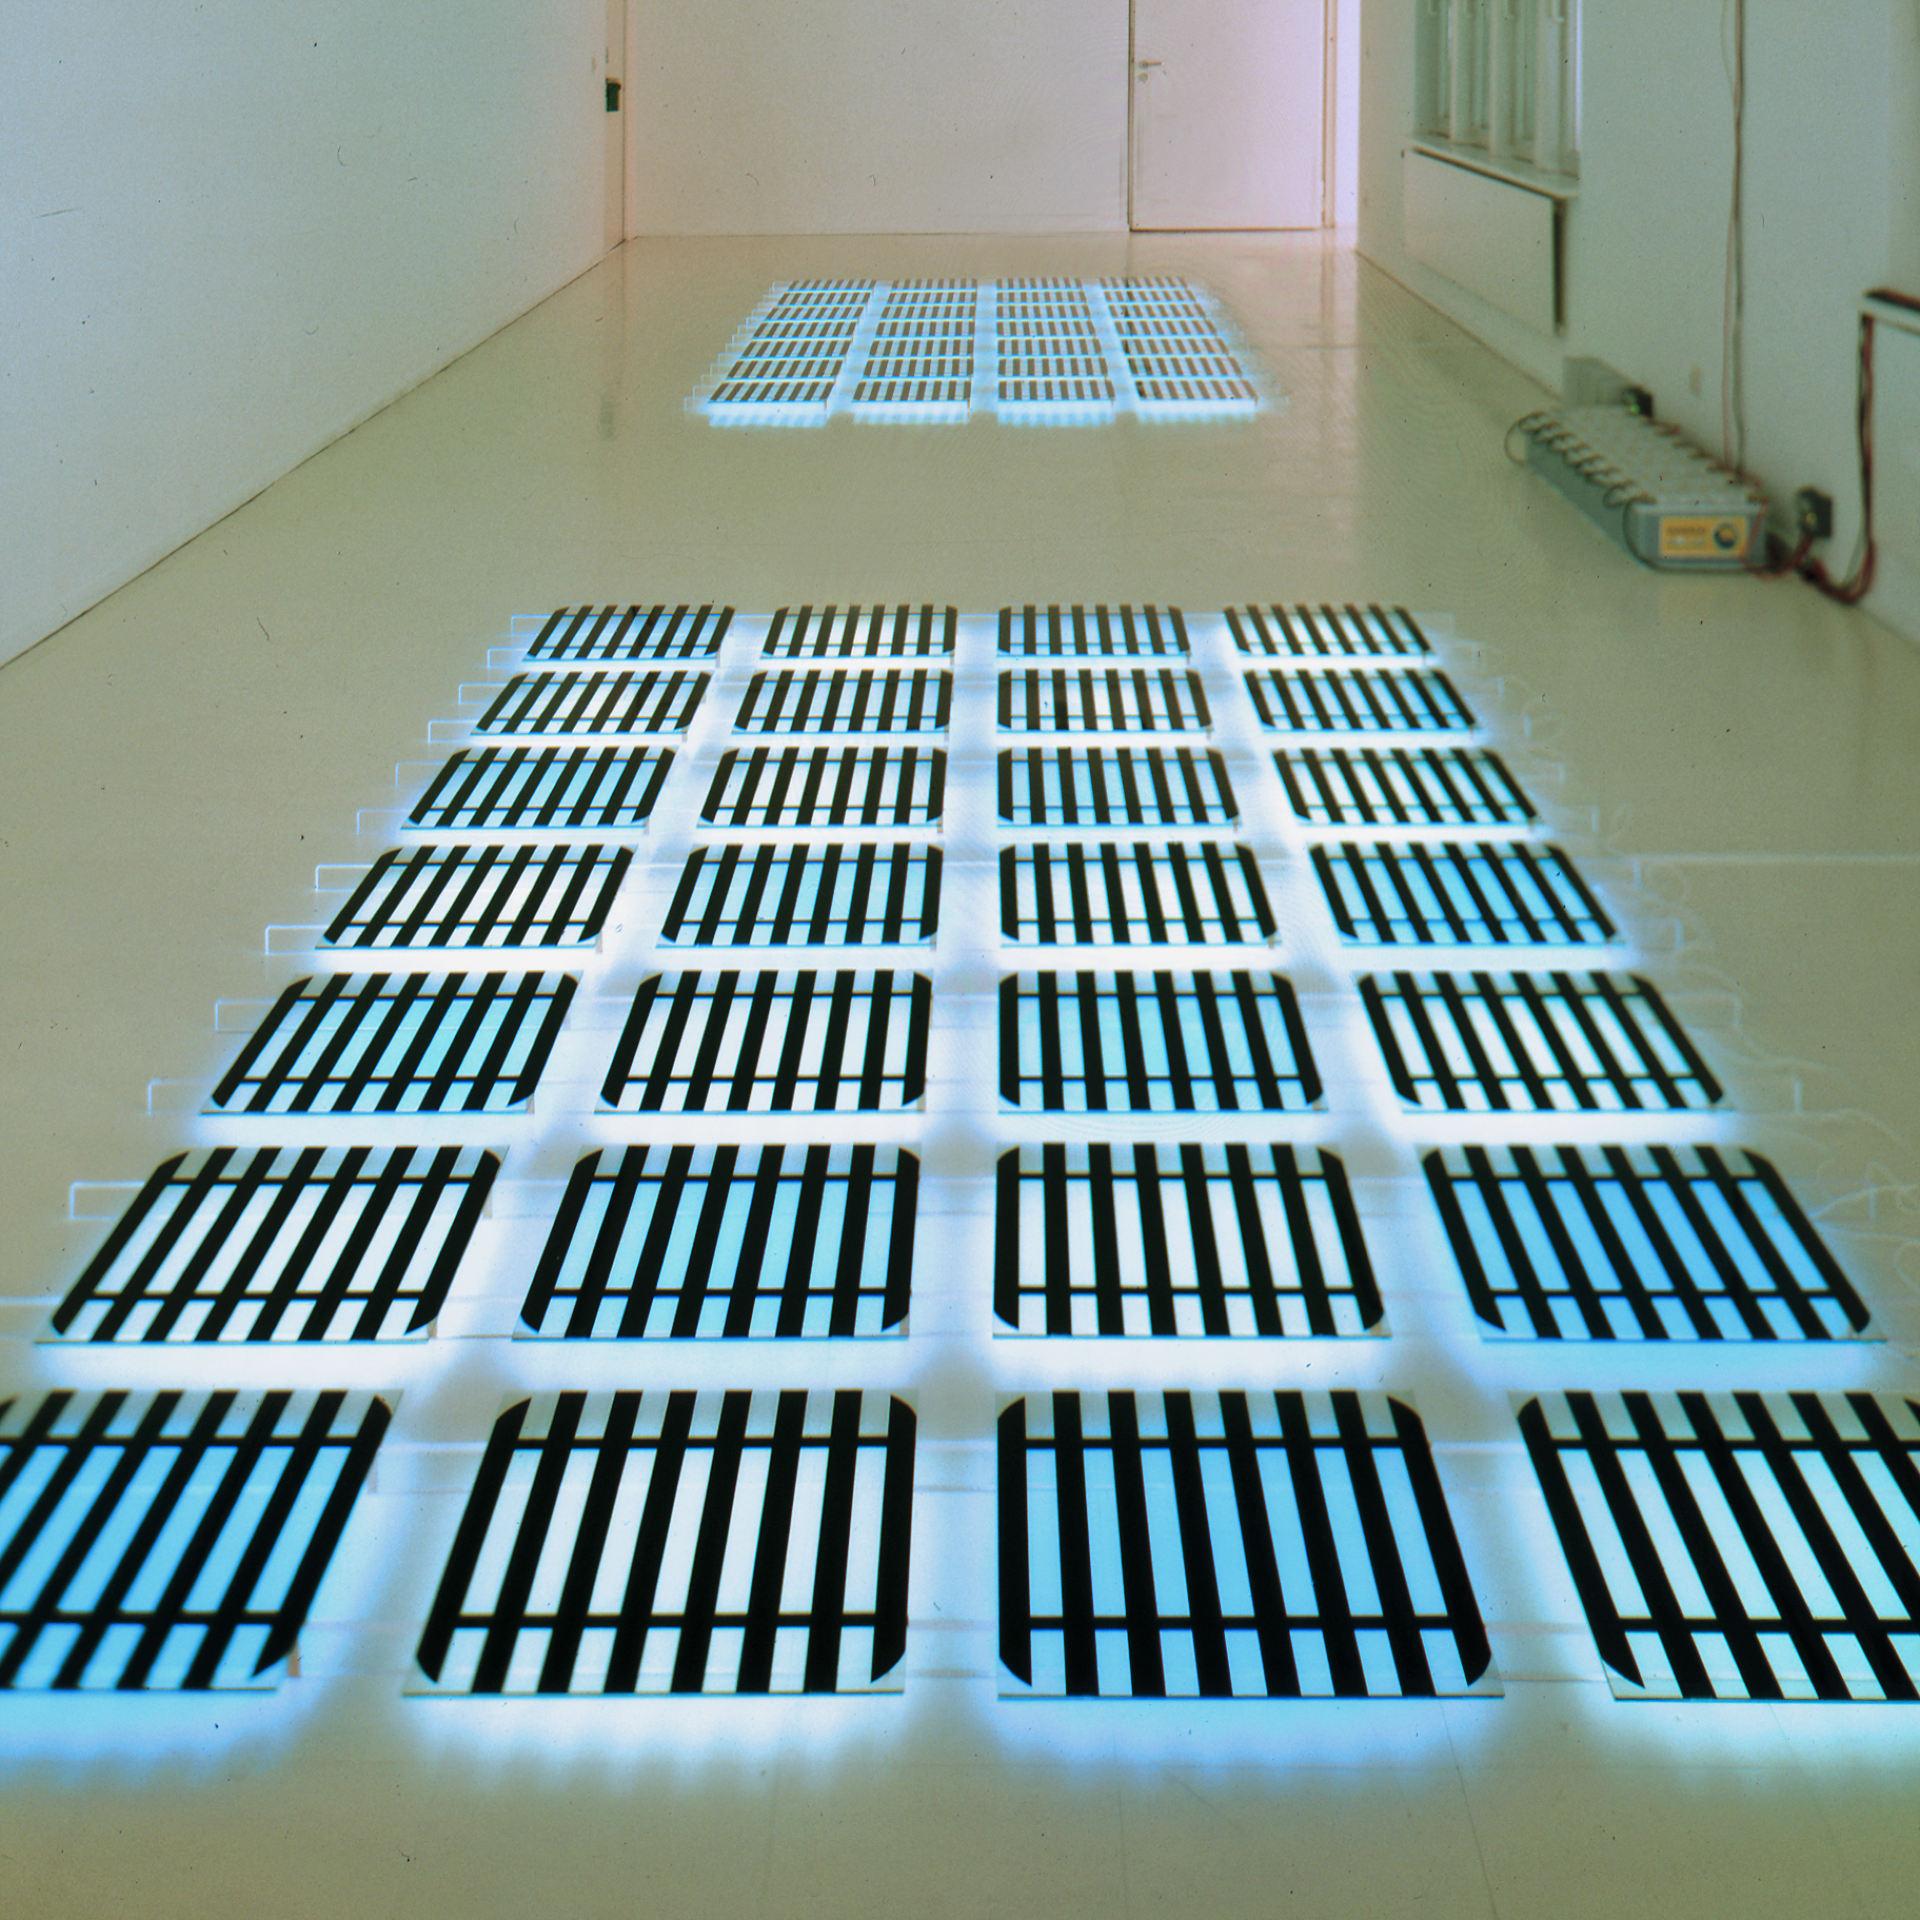 daniel_hausig_ueber_das_figur-hintergrundproblem-bei_solarzellen_1996_light-art-installation